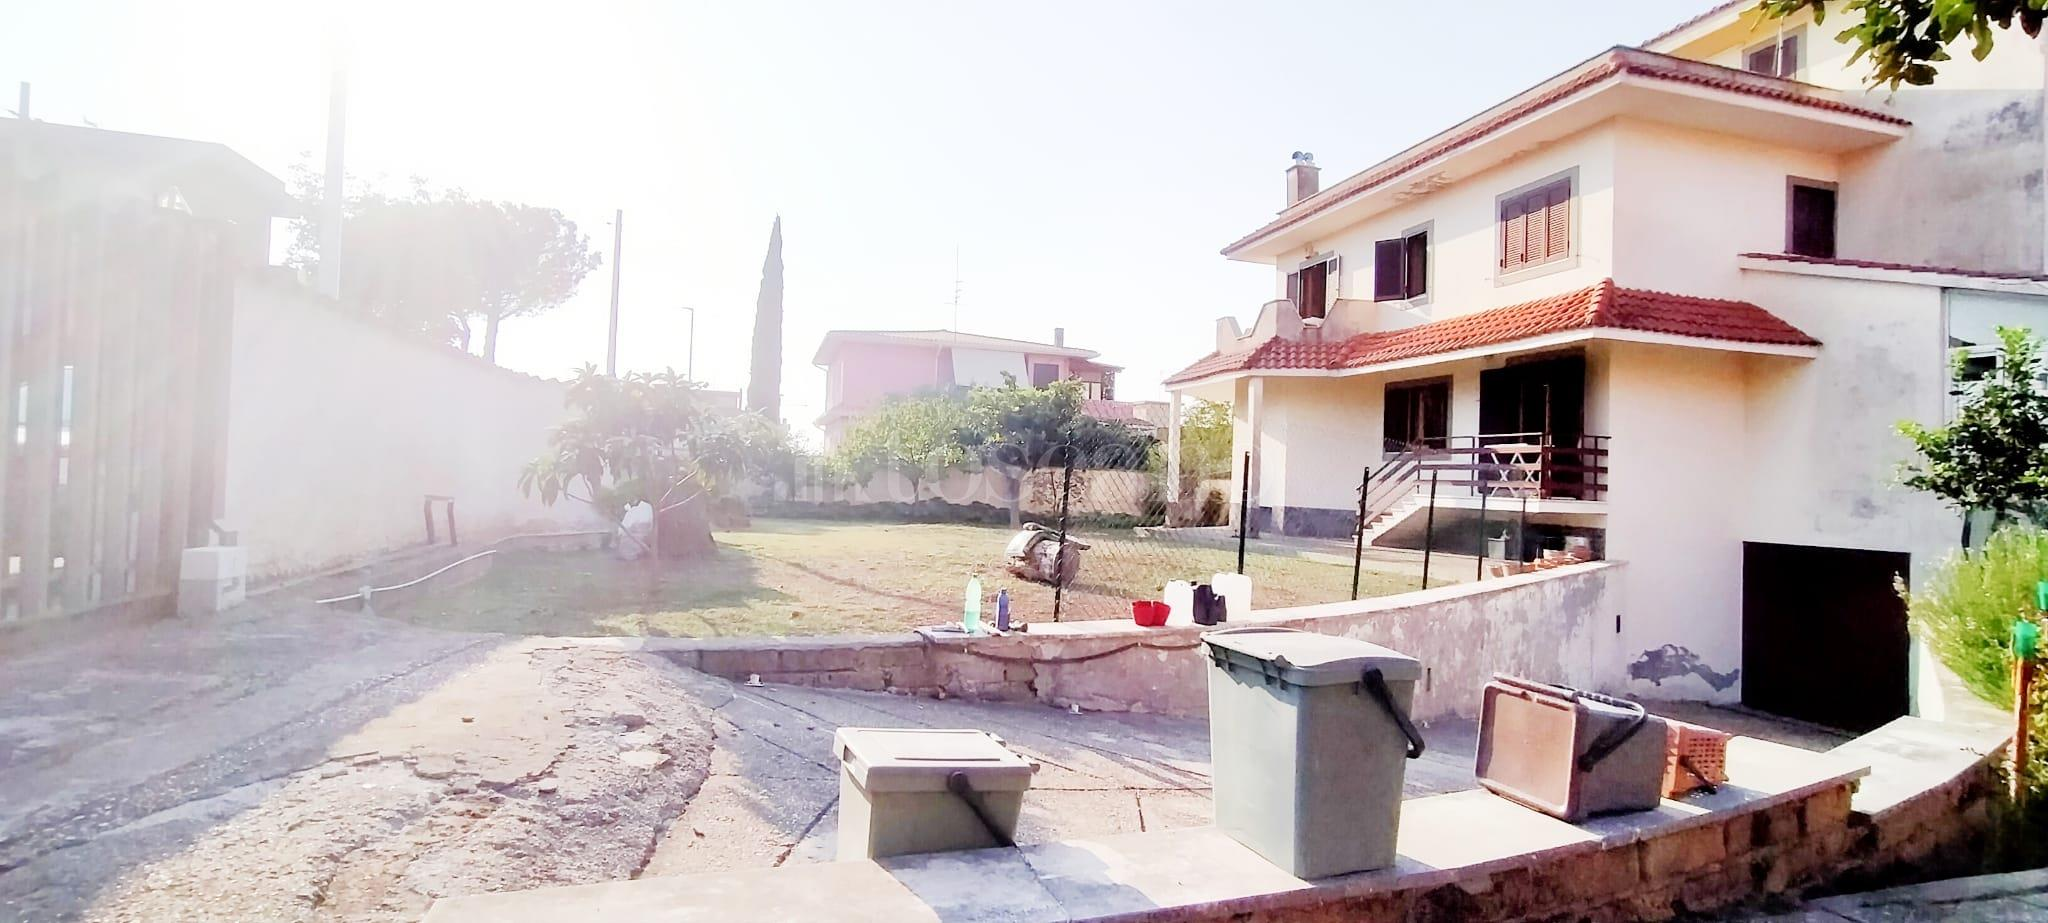 Villa in vendita di 350 mq a €799.000 (rif. 58/2020) immagine 4 di 15